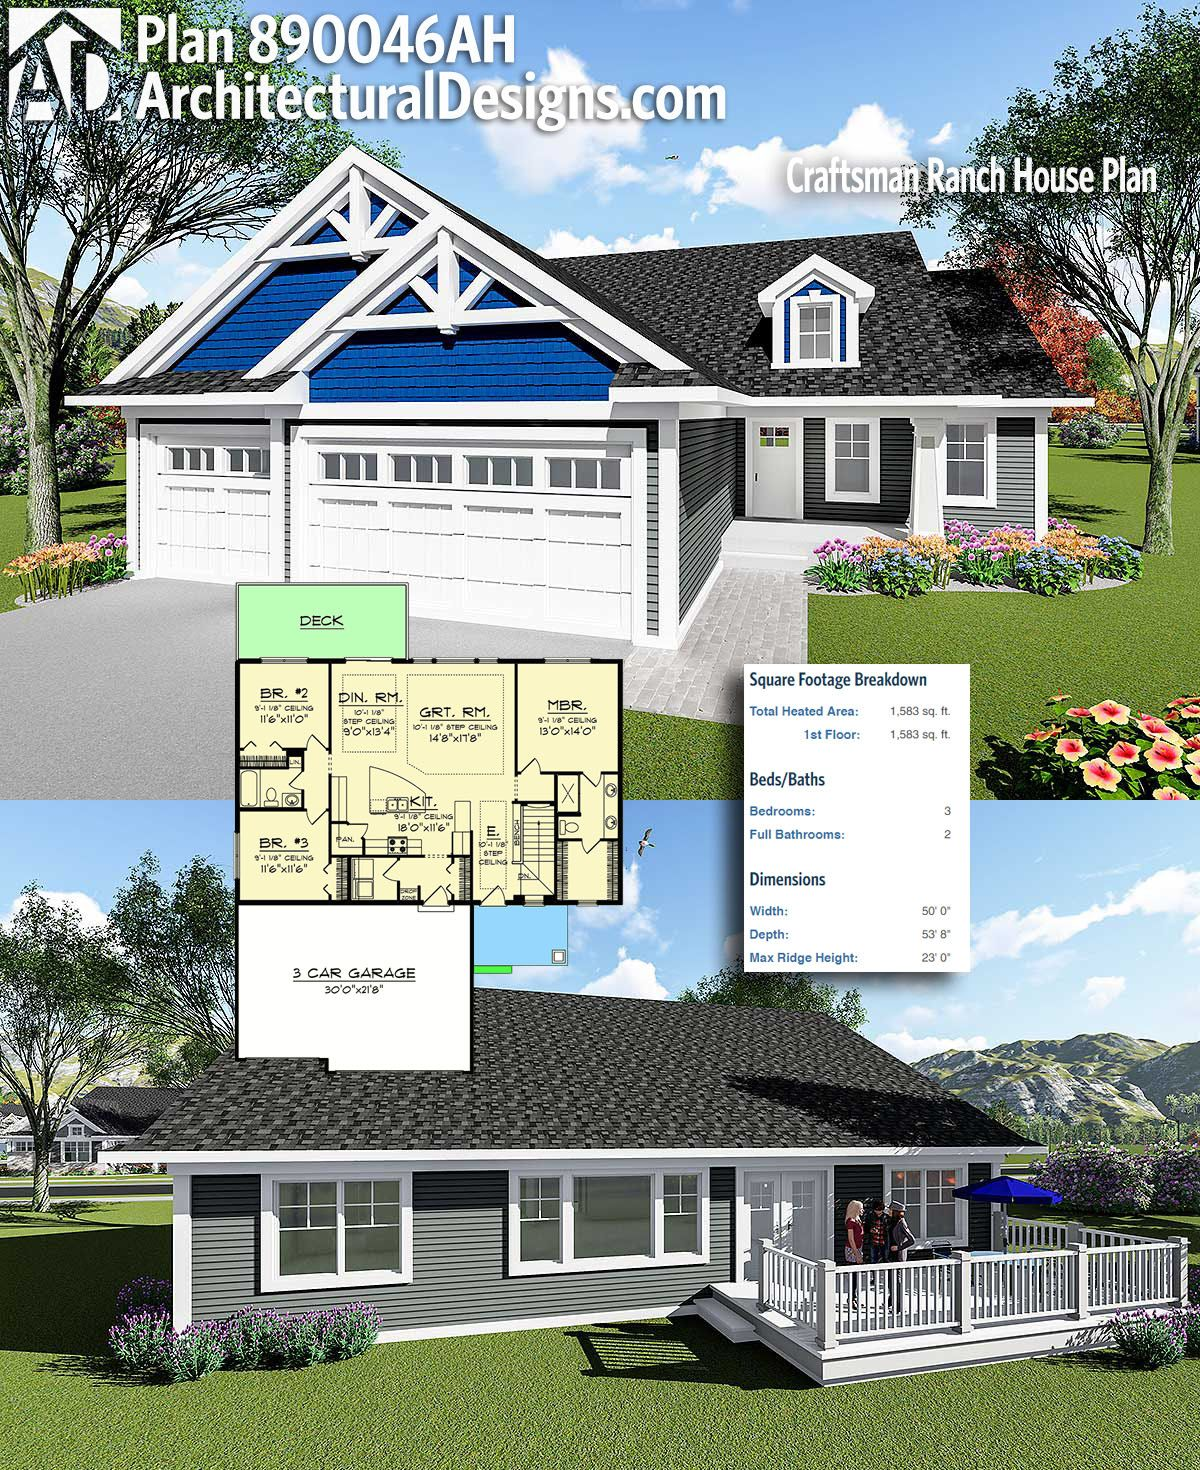 Plan 890046AH: Craftsman Ranch House Plan